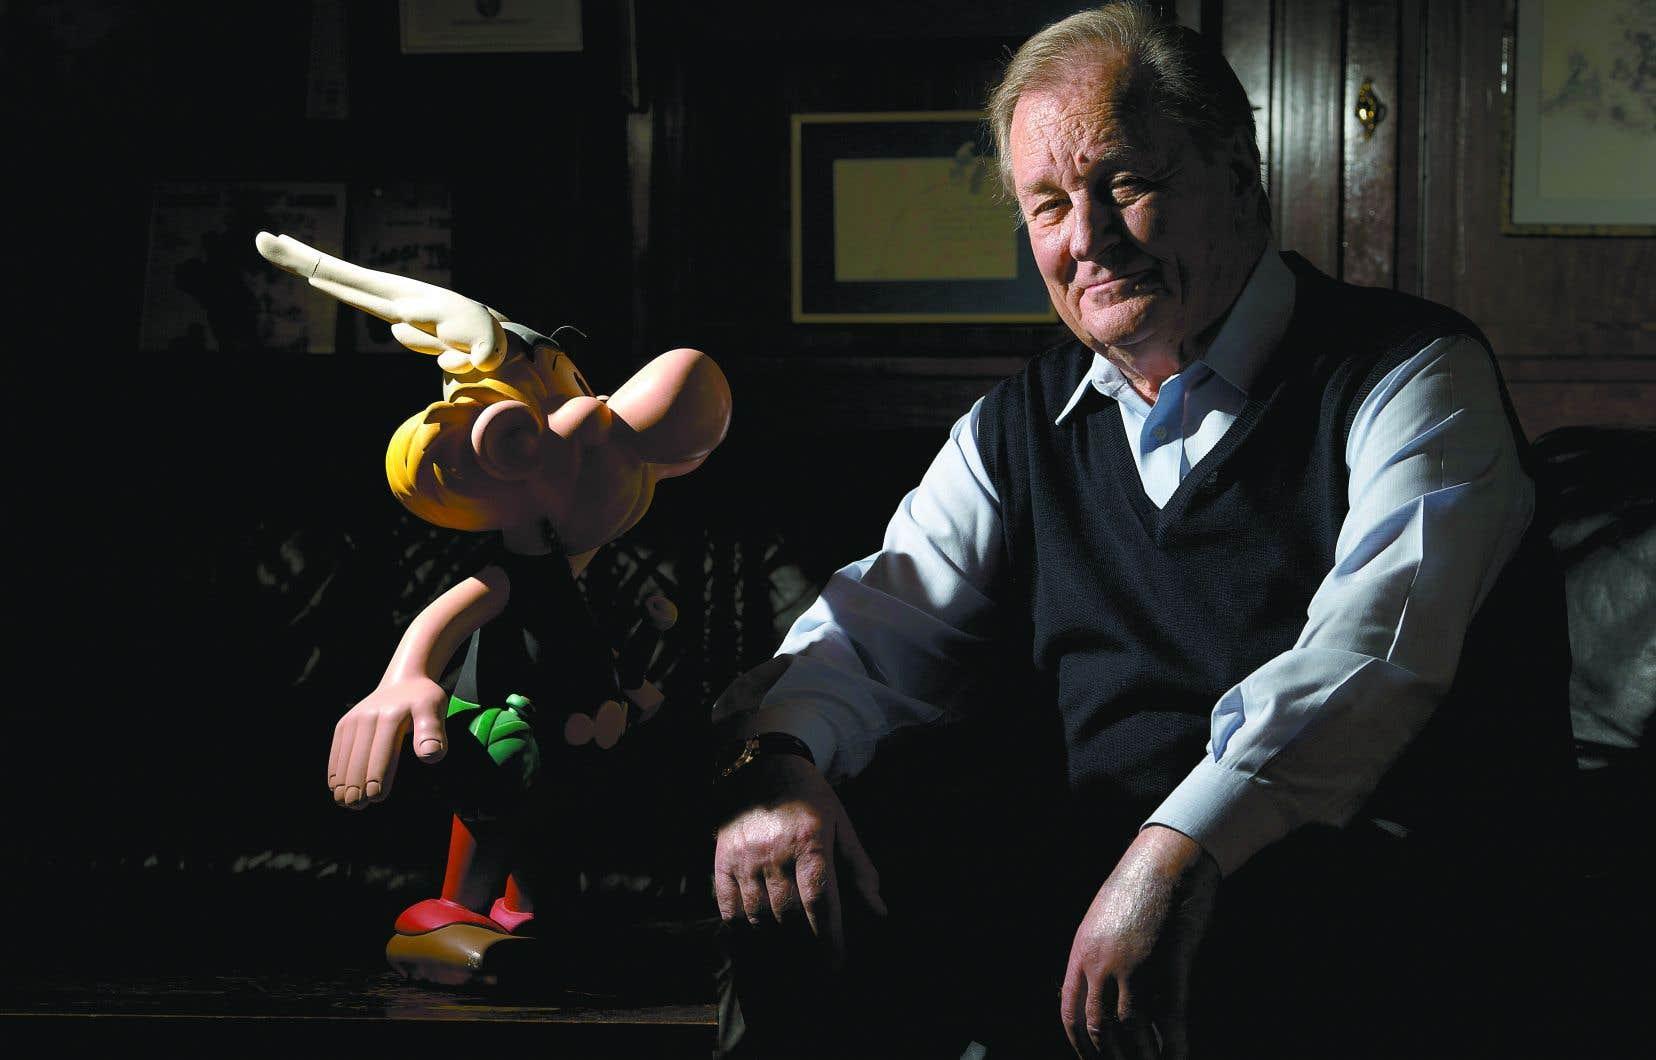 <p>La carrière du dessinateur d'Astérix et Obélix, Albert Uderzo, a pris son envol en 1950, peu de temps avant qu'il ne rencontre son complice René Goscinny.</p>